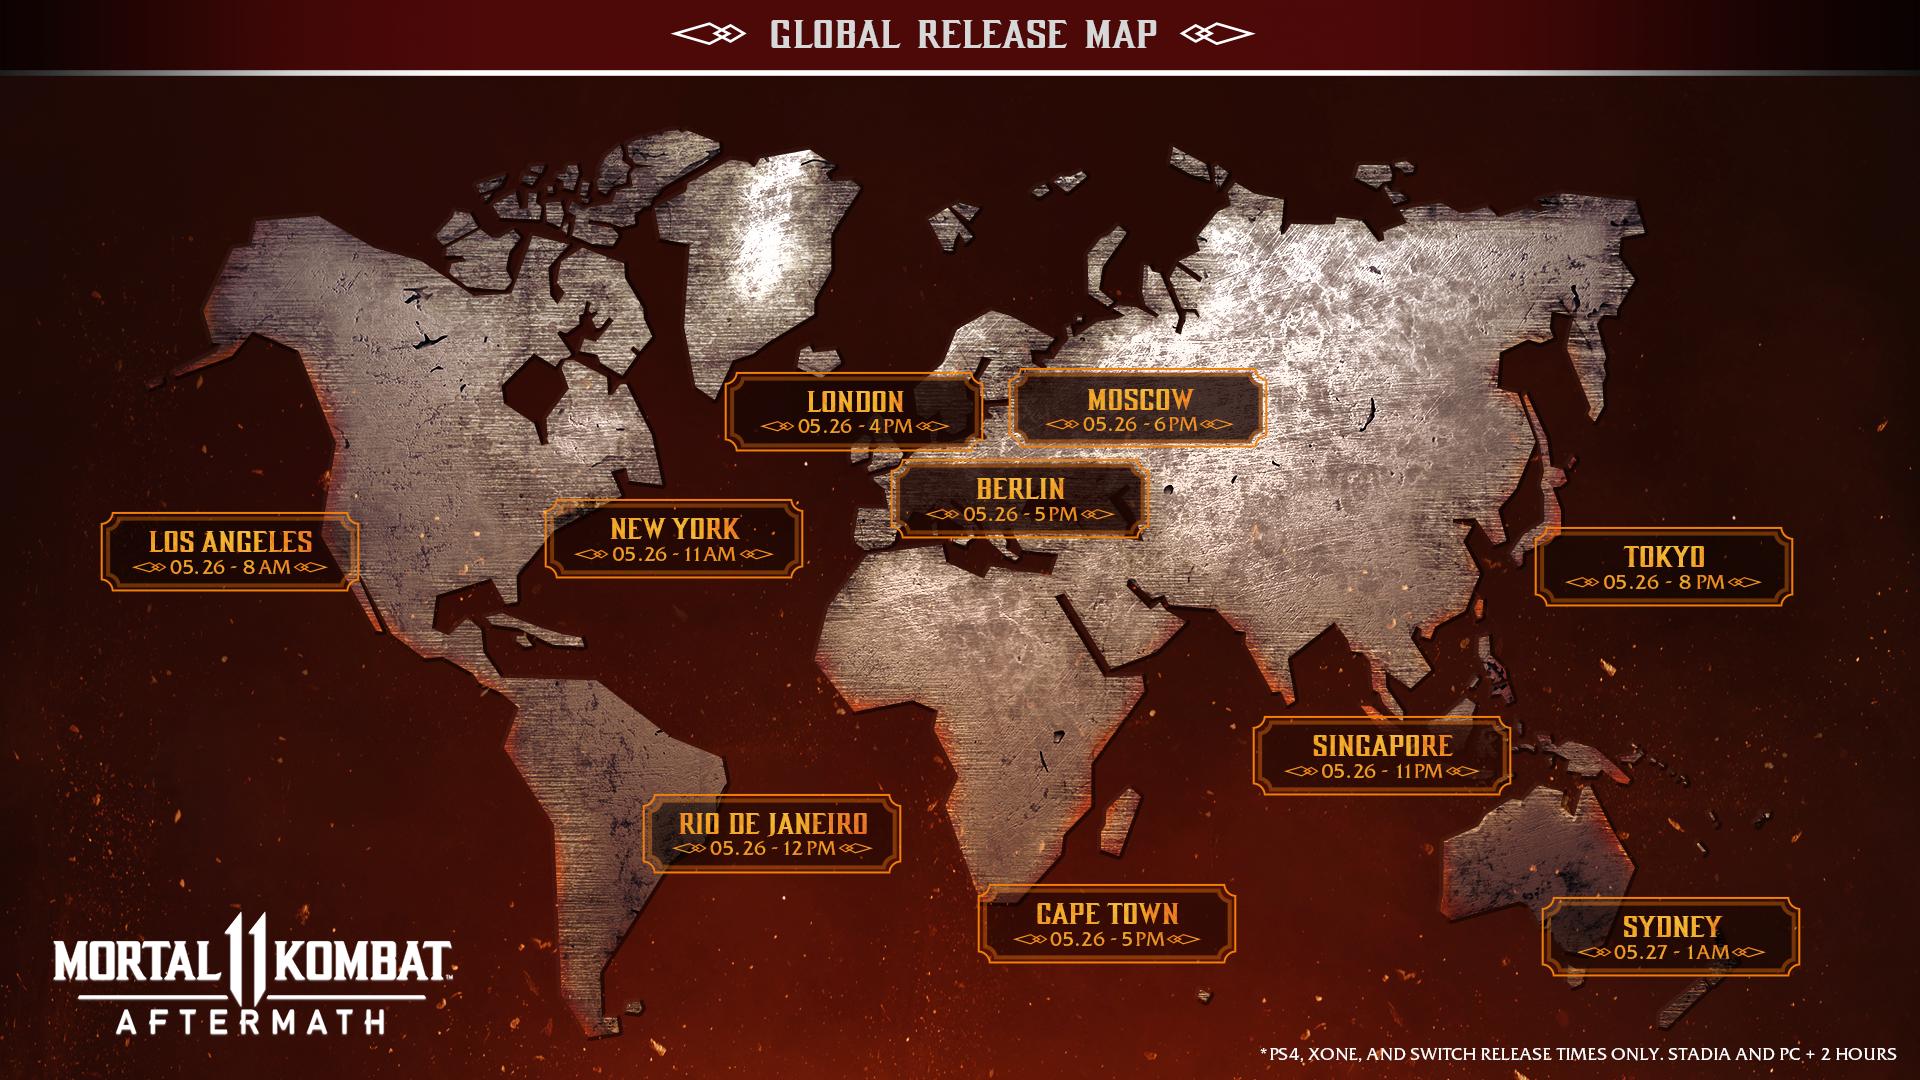 Mortal Kombat 11: Aftermath Launch Details